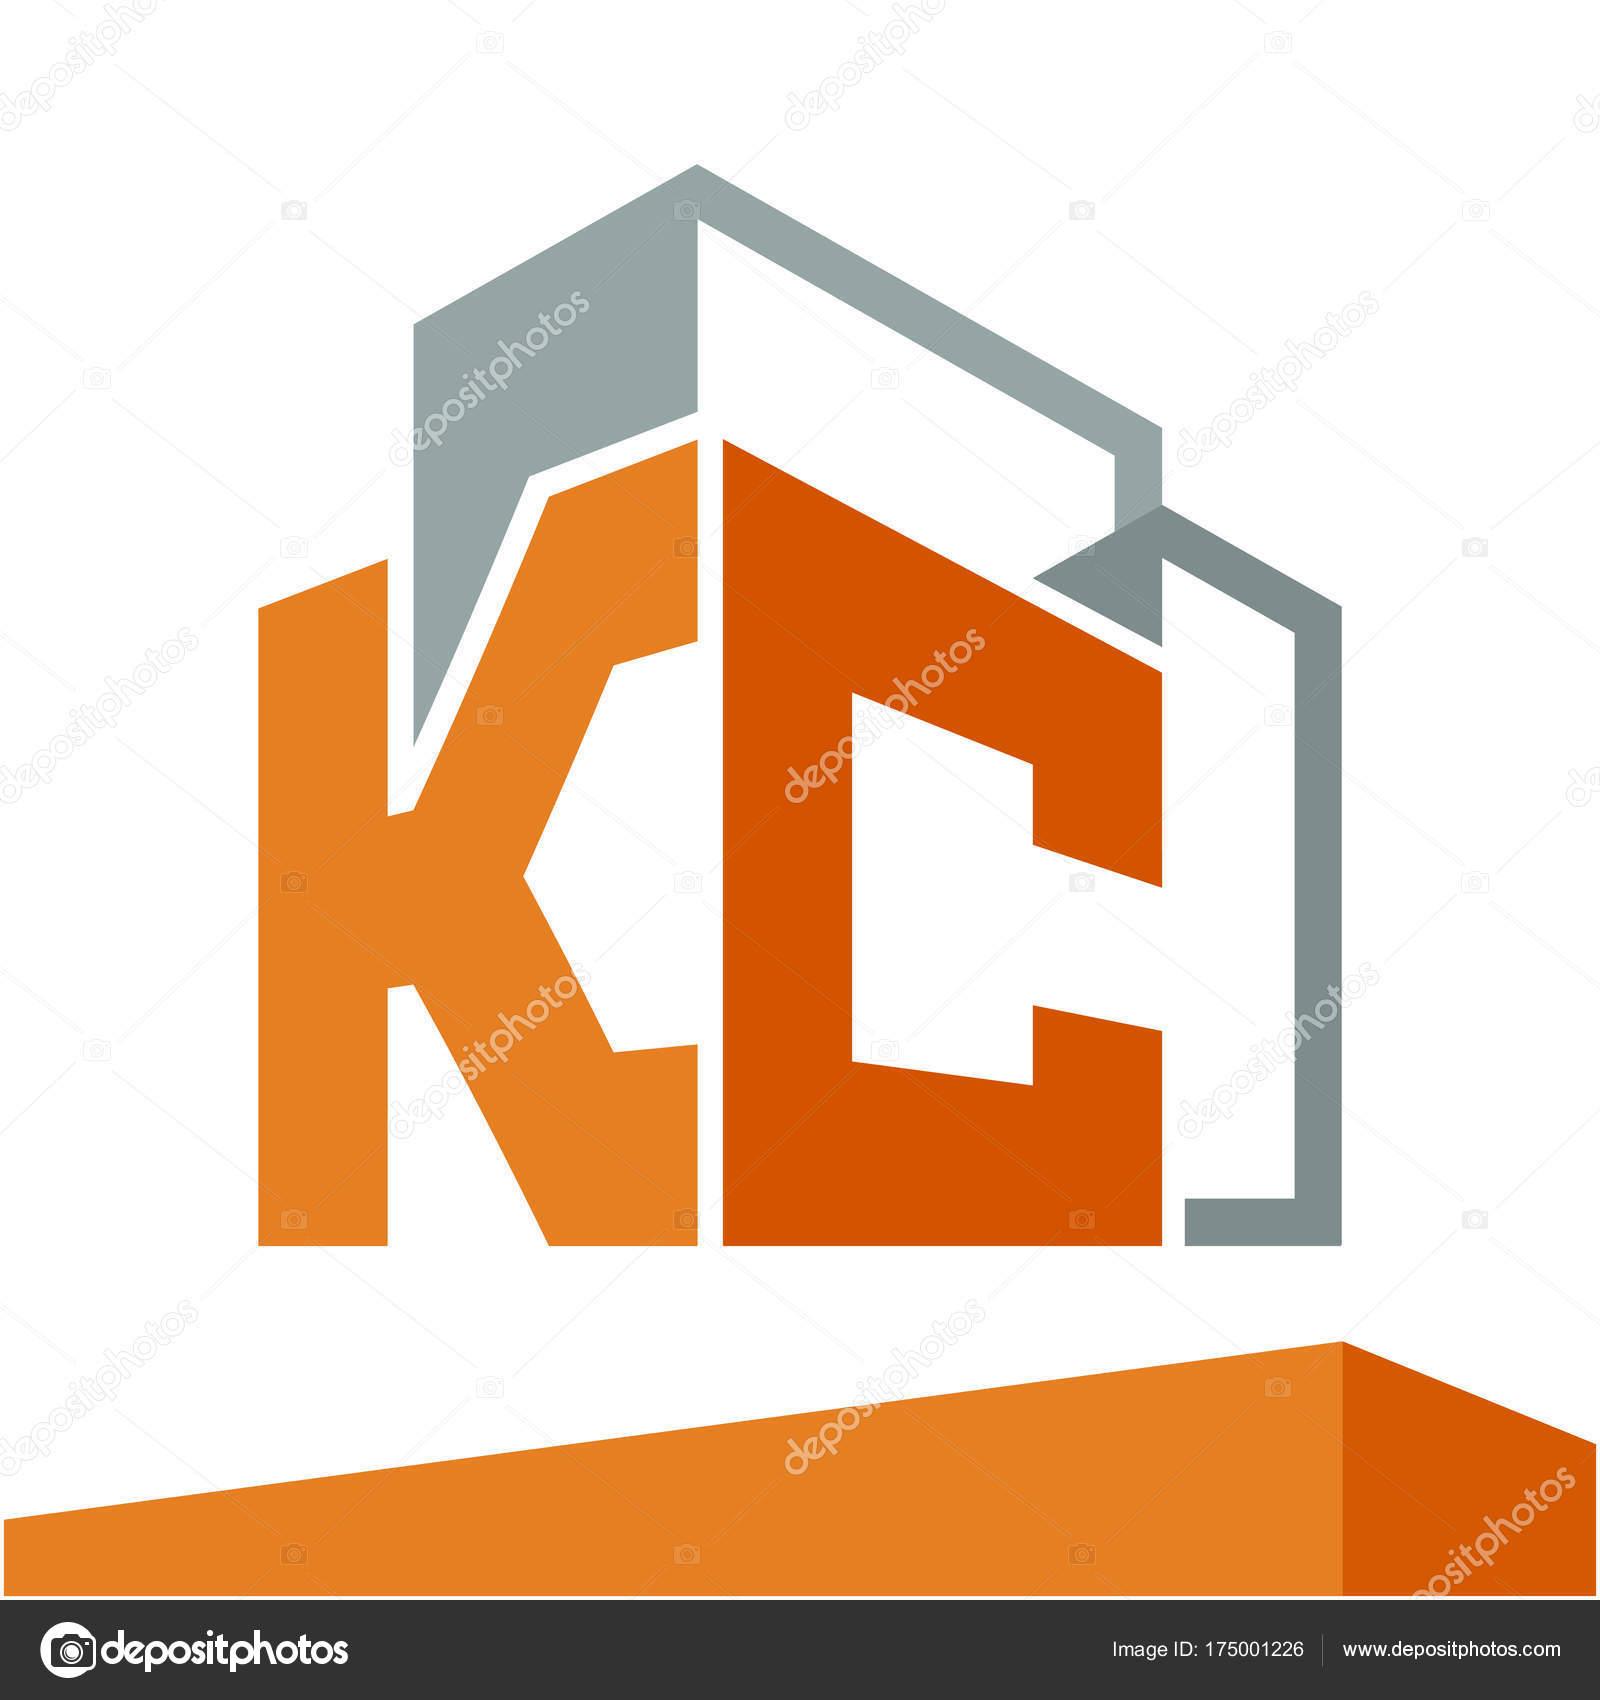 Logo Icono Inicial Para Desarrollo Empresas Servicios Construcción ...